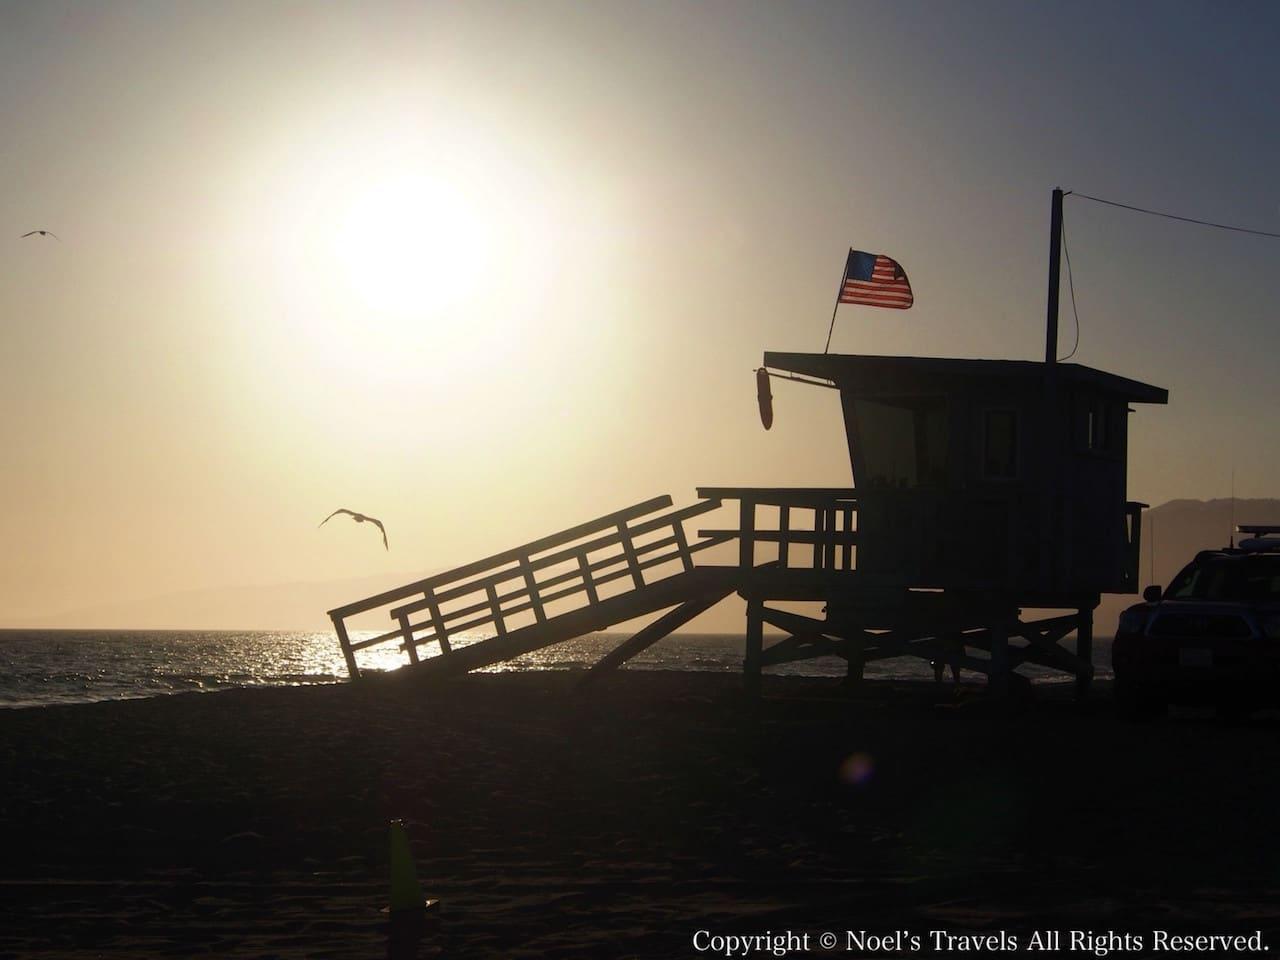 サンタモニカビーチにあるライフガードの見張り小屋